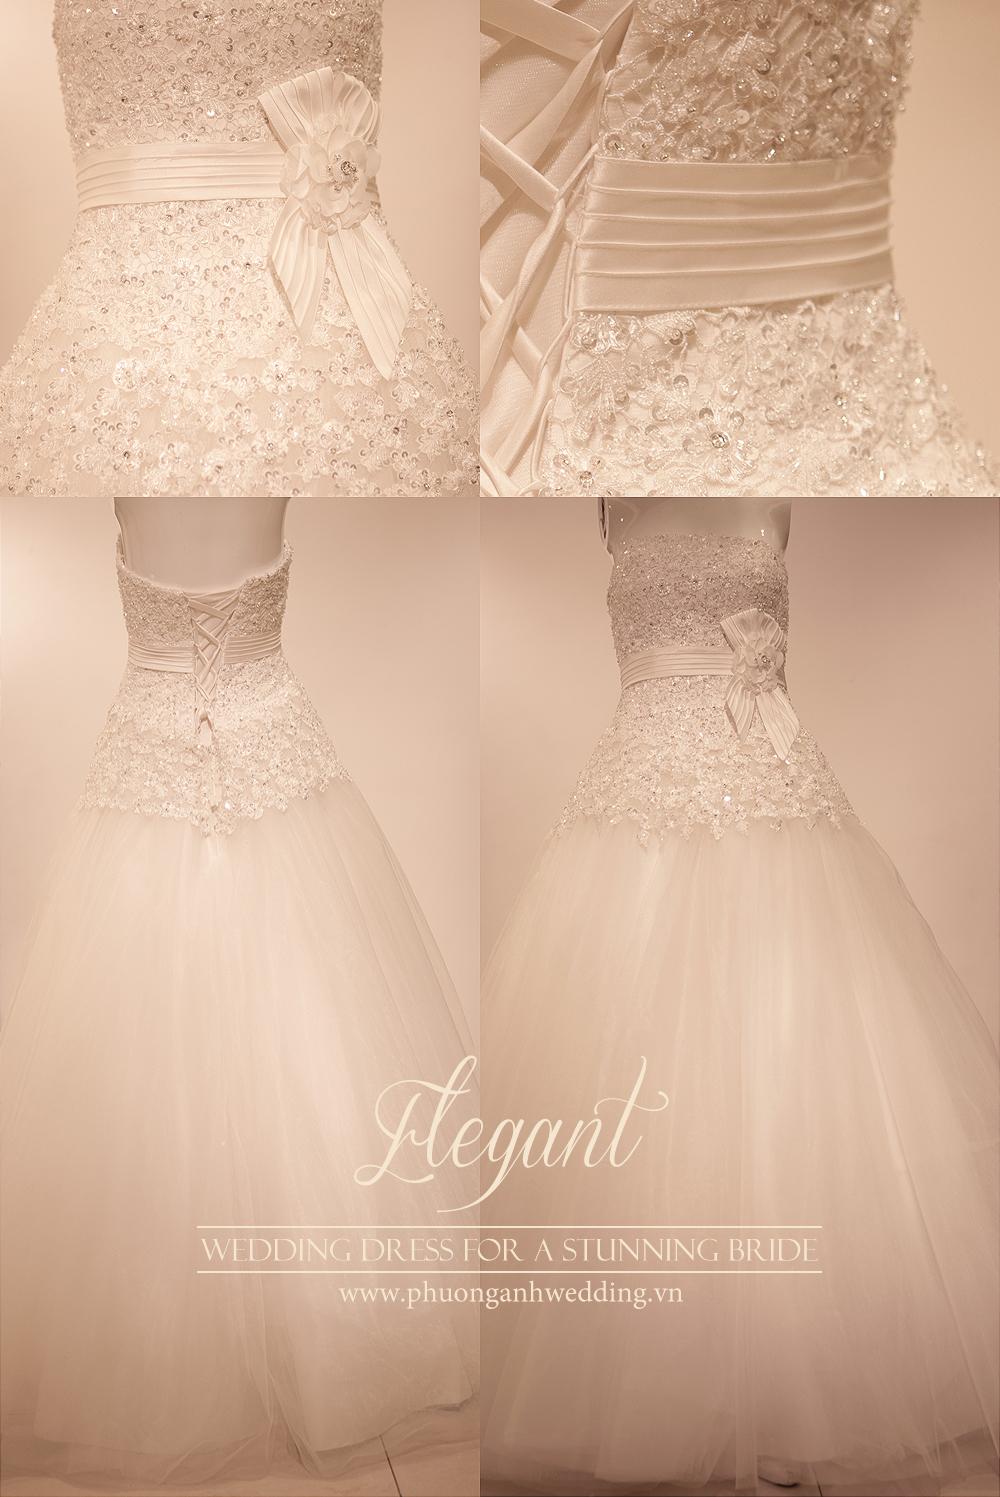 phuong anh wedding